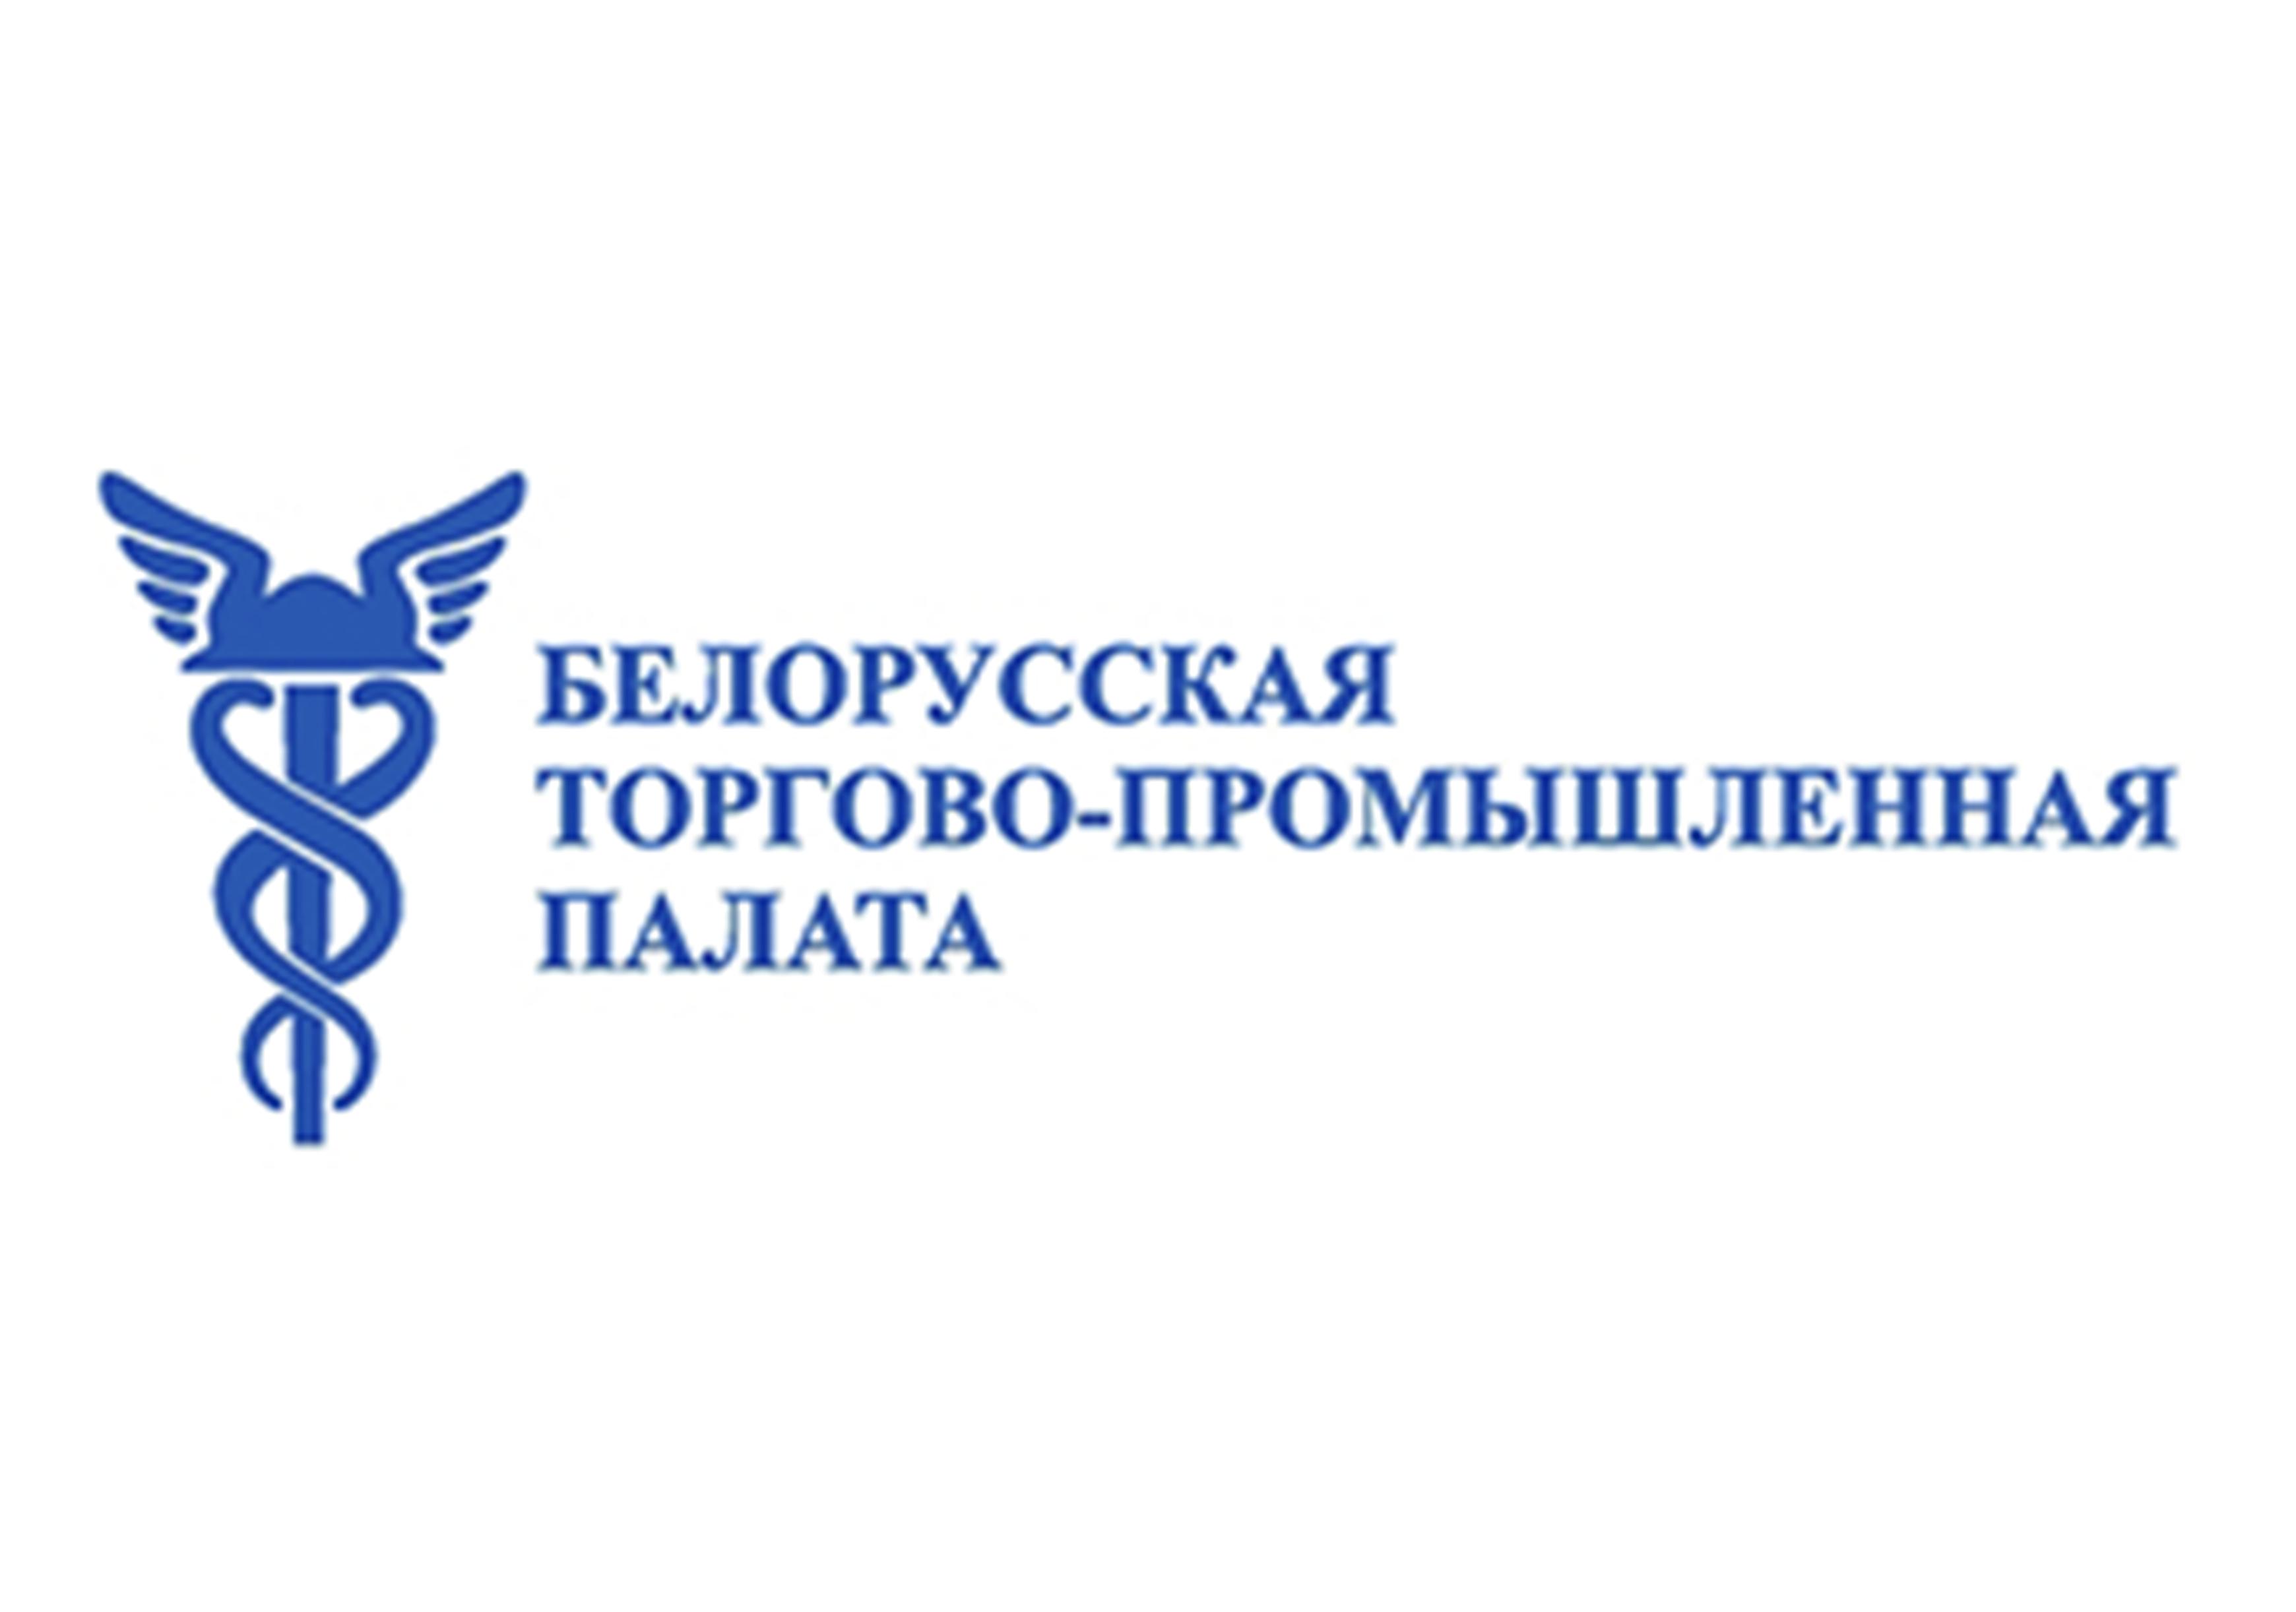 Белорусская торгово-промышленная палата  совместно с Торгово-промышленной палатой Украины организуется визит делегации белорусских деловых кругов в Украину.